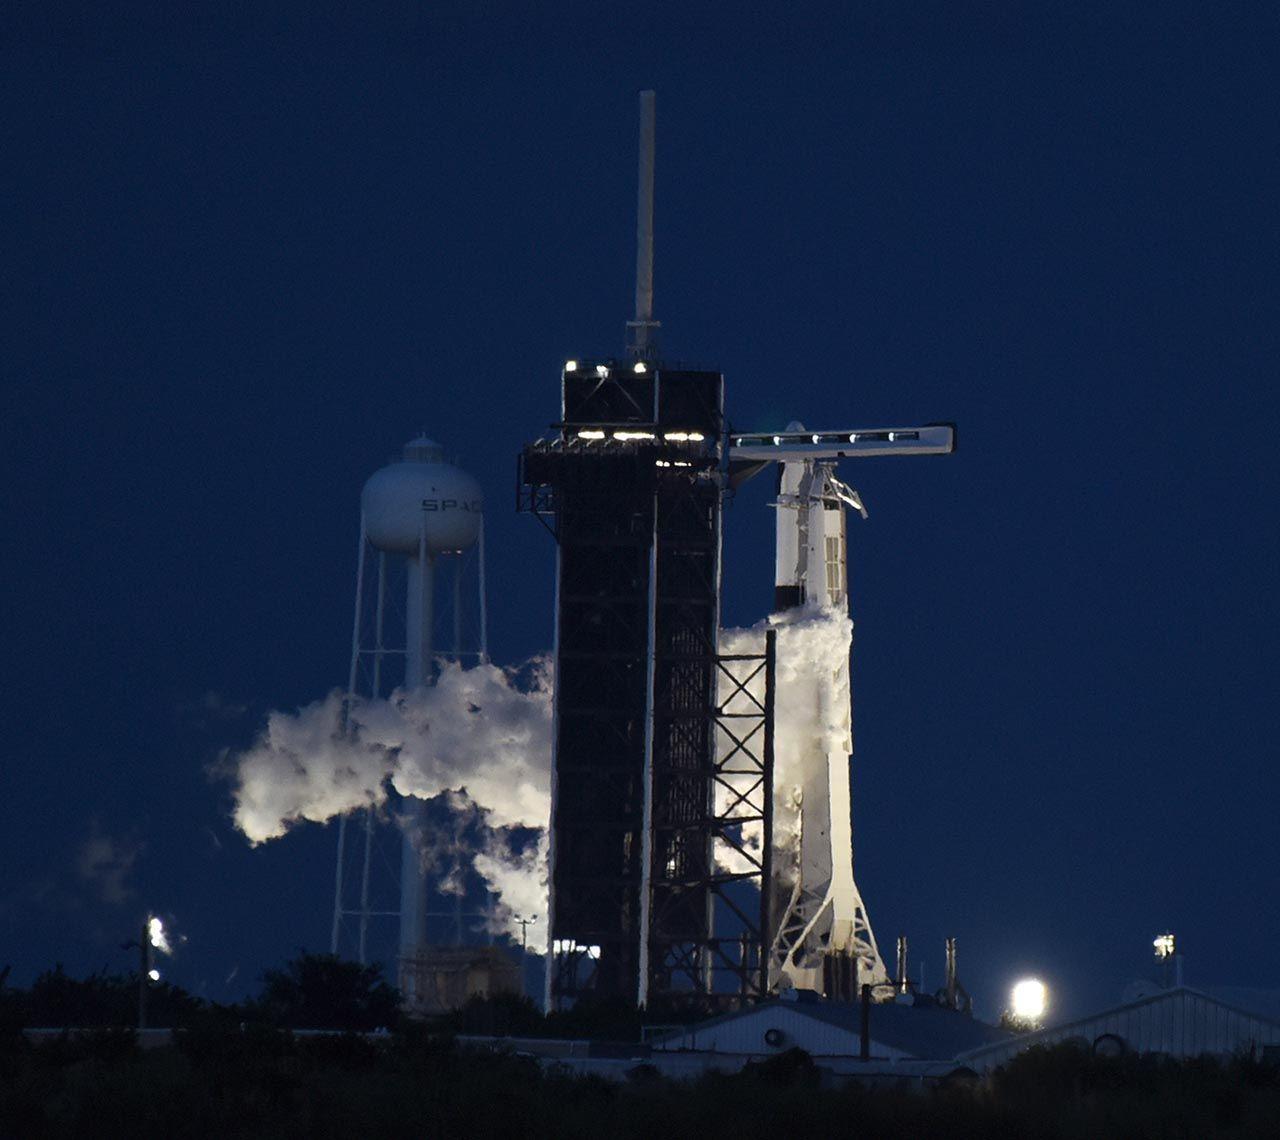 Space X'in tarihi uzay yolculuğu başladı - Resim: 2